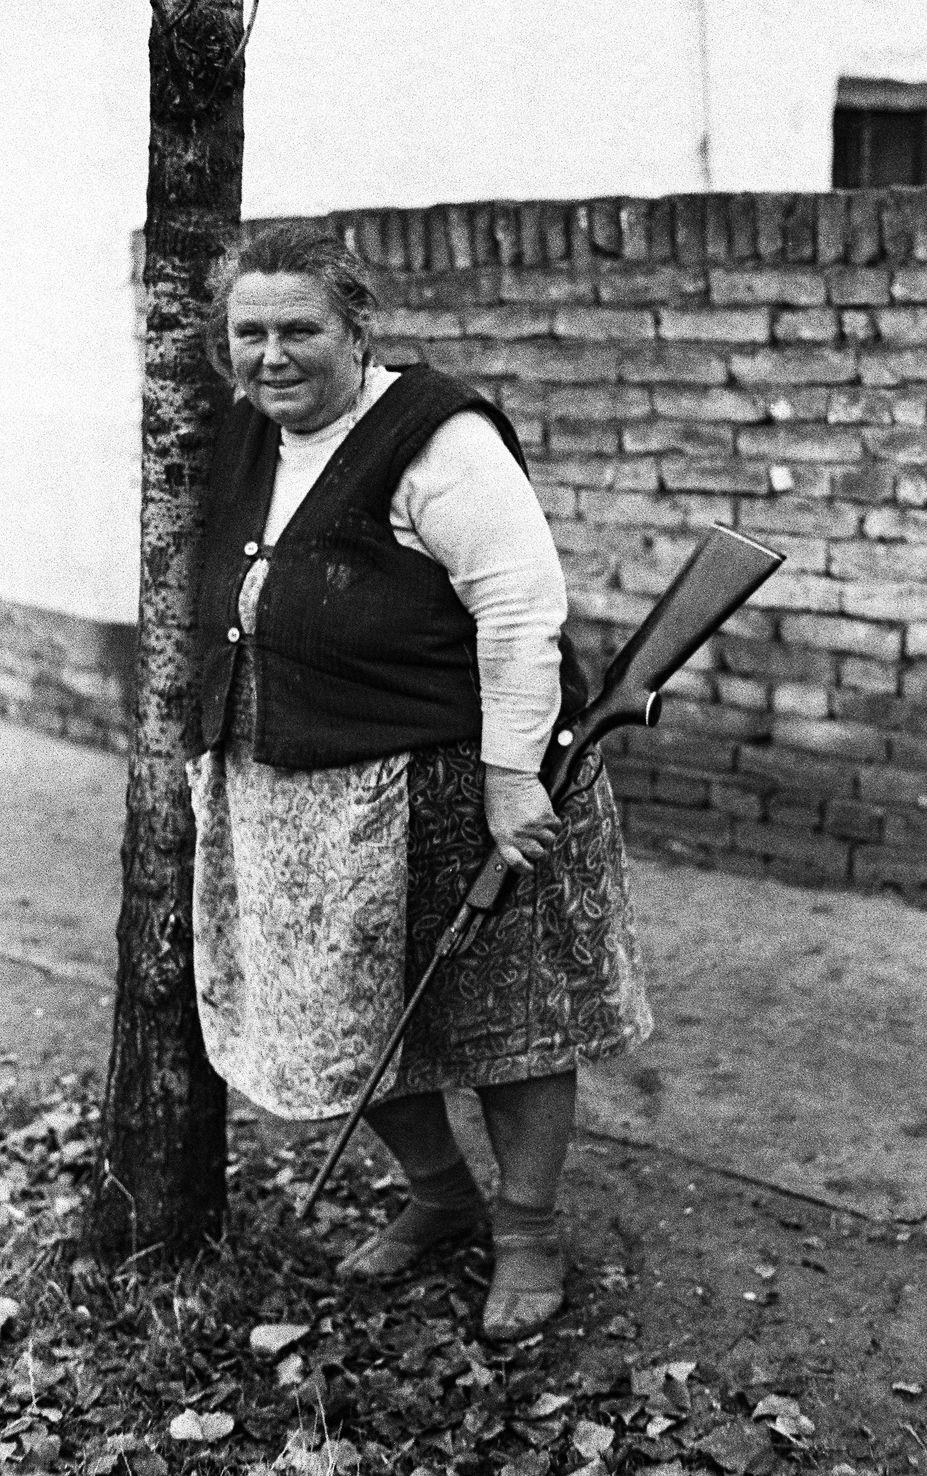 Fotó: Lazukics Anna: Vidéki amazon, Drea, Vajdaság, Bácska, 1974